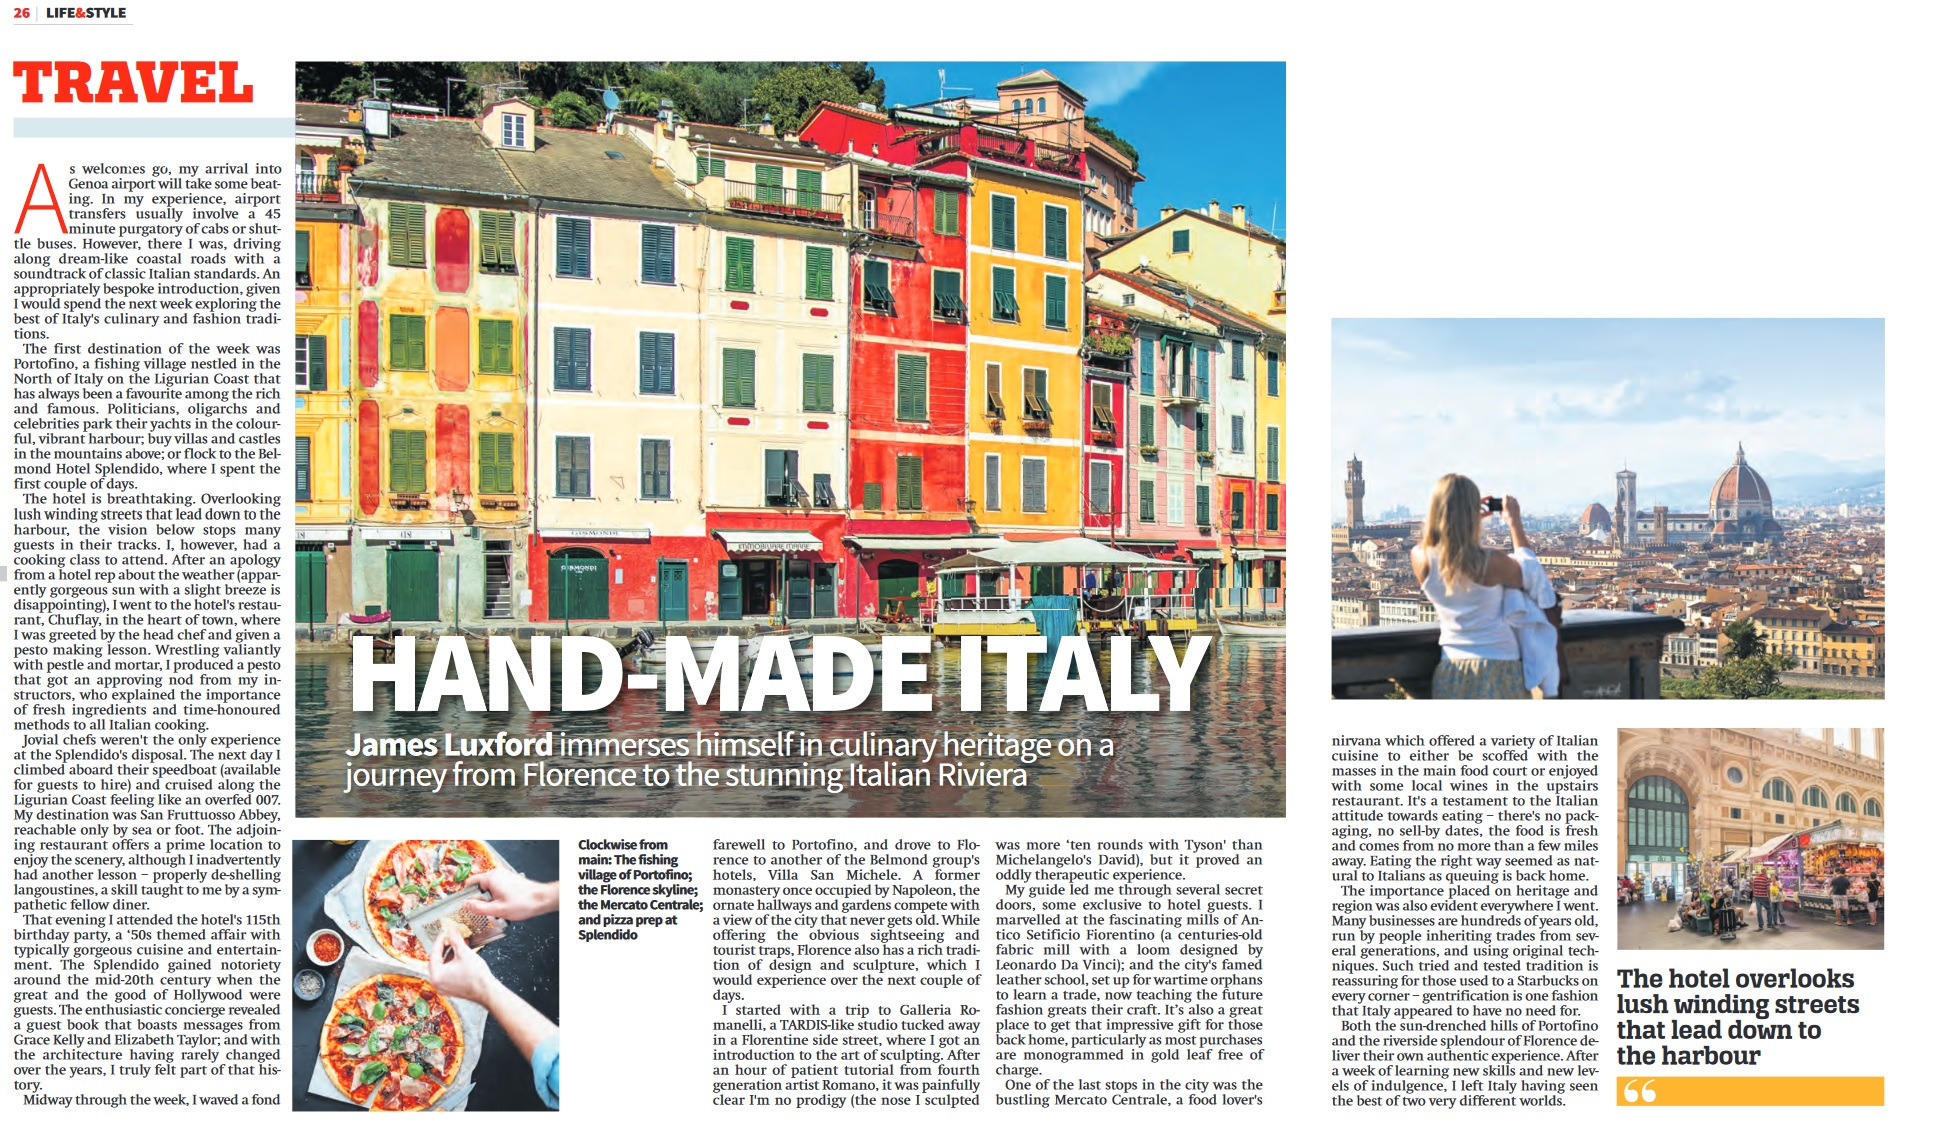 Hand Made Italy